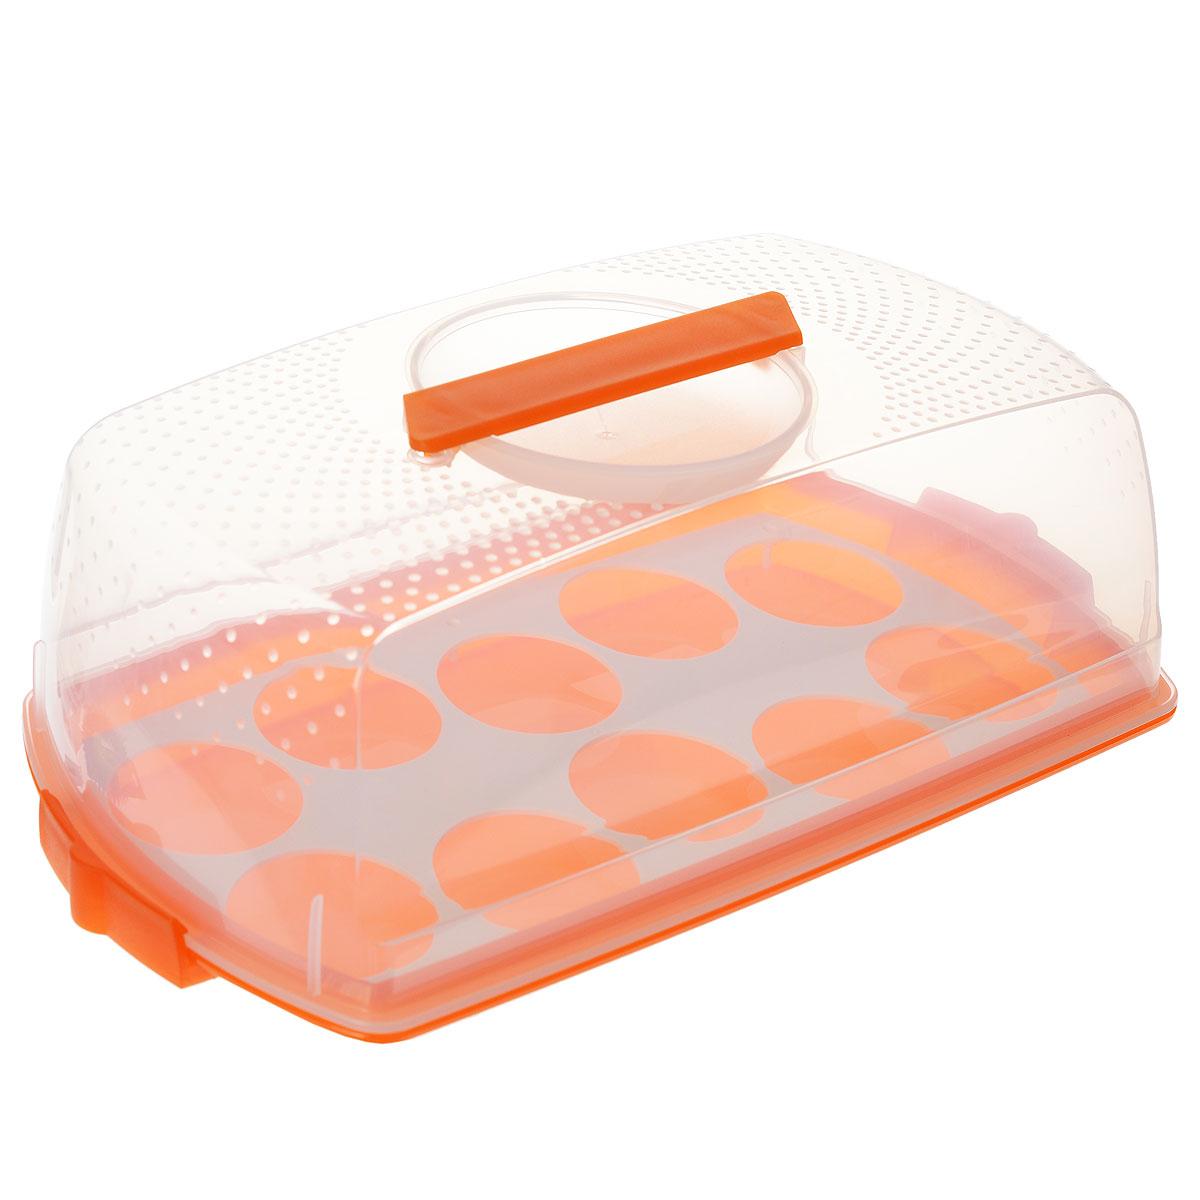 Тортница Cosmoplast Оазис, с защелками, цвет: прозрачный, оранжевый, 37 см х 19 см2120_оранжевыйТортница Cosmoplast Оазис изготовлена из высококачественного прочного пищевого пластика. Она состоит из прямоугольного поддона и прозрачной крышки. Благодаря двум защелкам крышка плотно сидит на подносе, что позволяет сохранить первоначальную свежесть торта и защитить его от посторонних запахов. Тортница имеет дополнительное пластиковое основание для удобной переноски небольших кексов и пирожных. Крышка тортницы снабжена эргономичной ручкой для комфортной переноски. Размер поддона: 37 см х 19 см. Высота борта: 2,5 см. Высота крышки: 10,5 см.